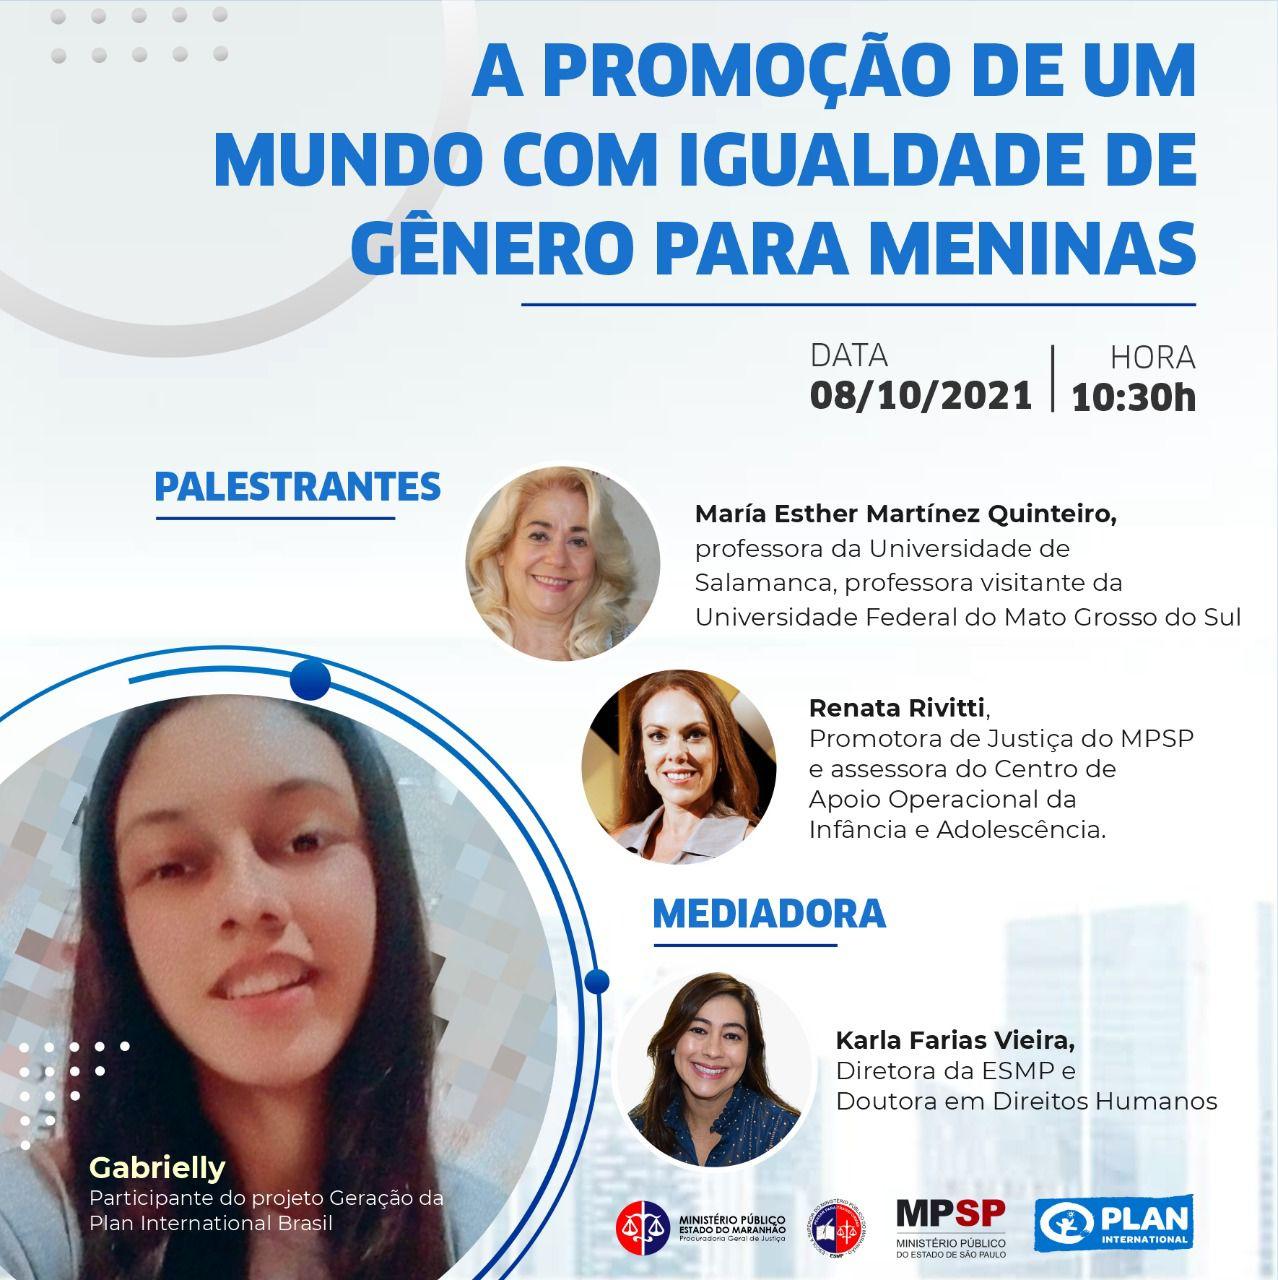 """Webinário """"A promoção de um mundo com igualdade de gênero para meninas"""" #MeninasOcupam"""